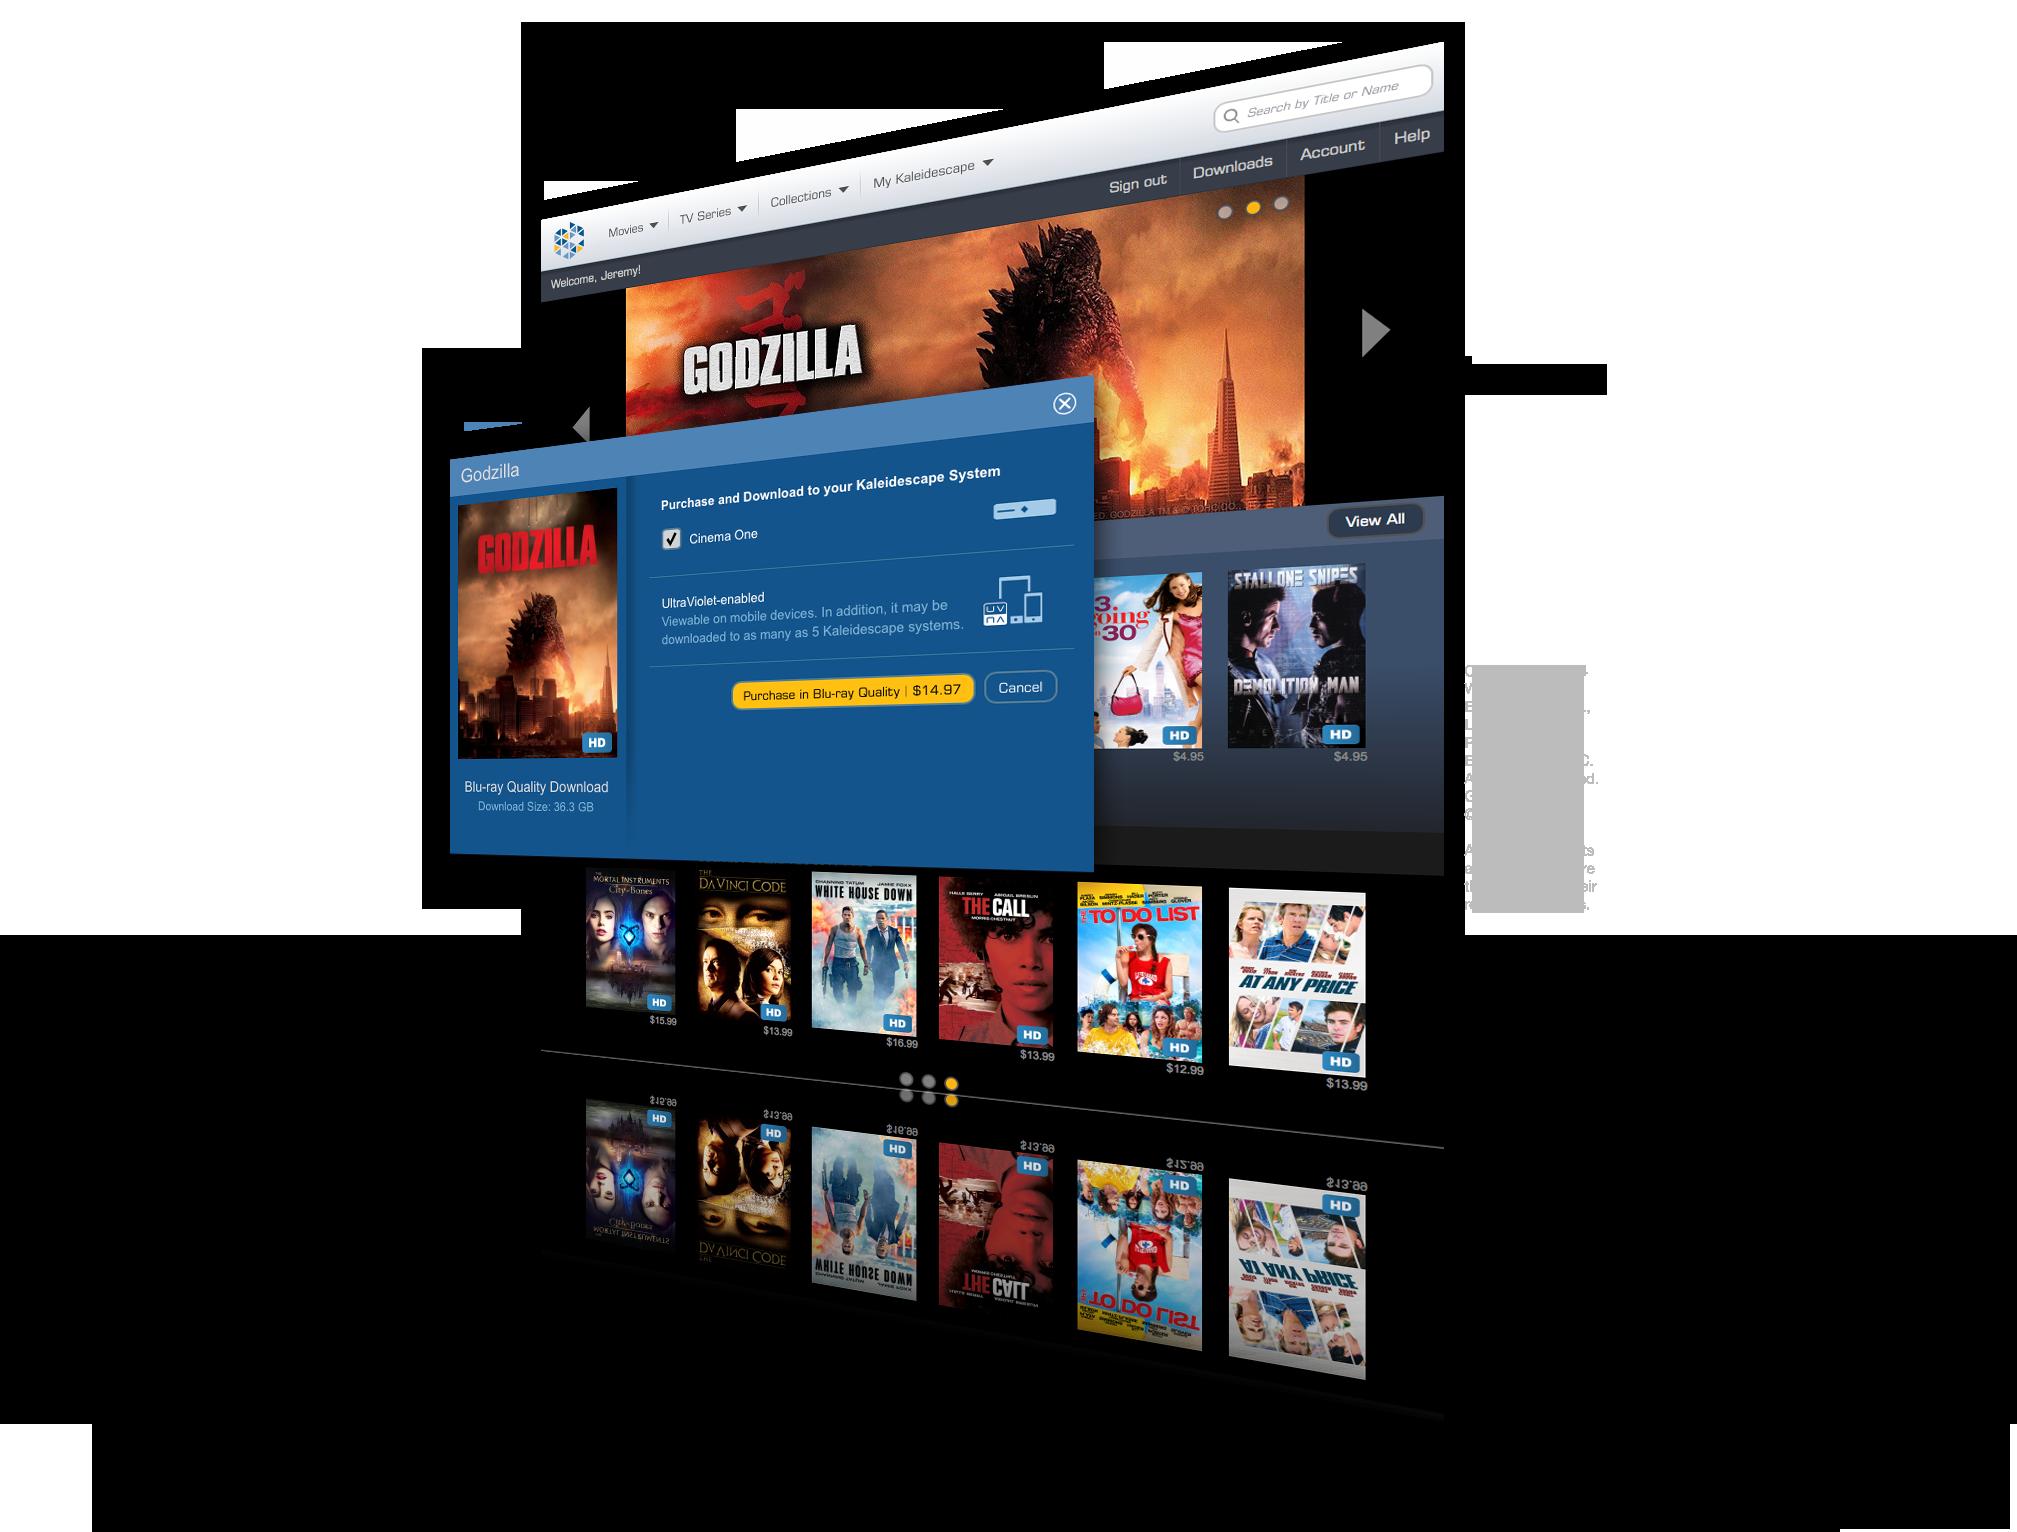 7-Kaleidescape-Store-Godzilla-purchase.png